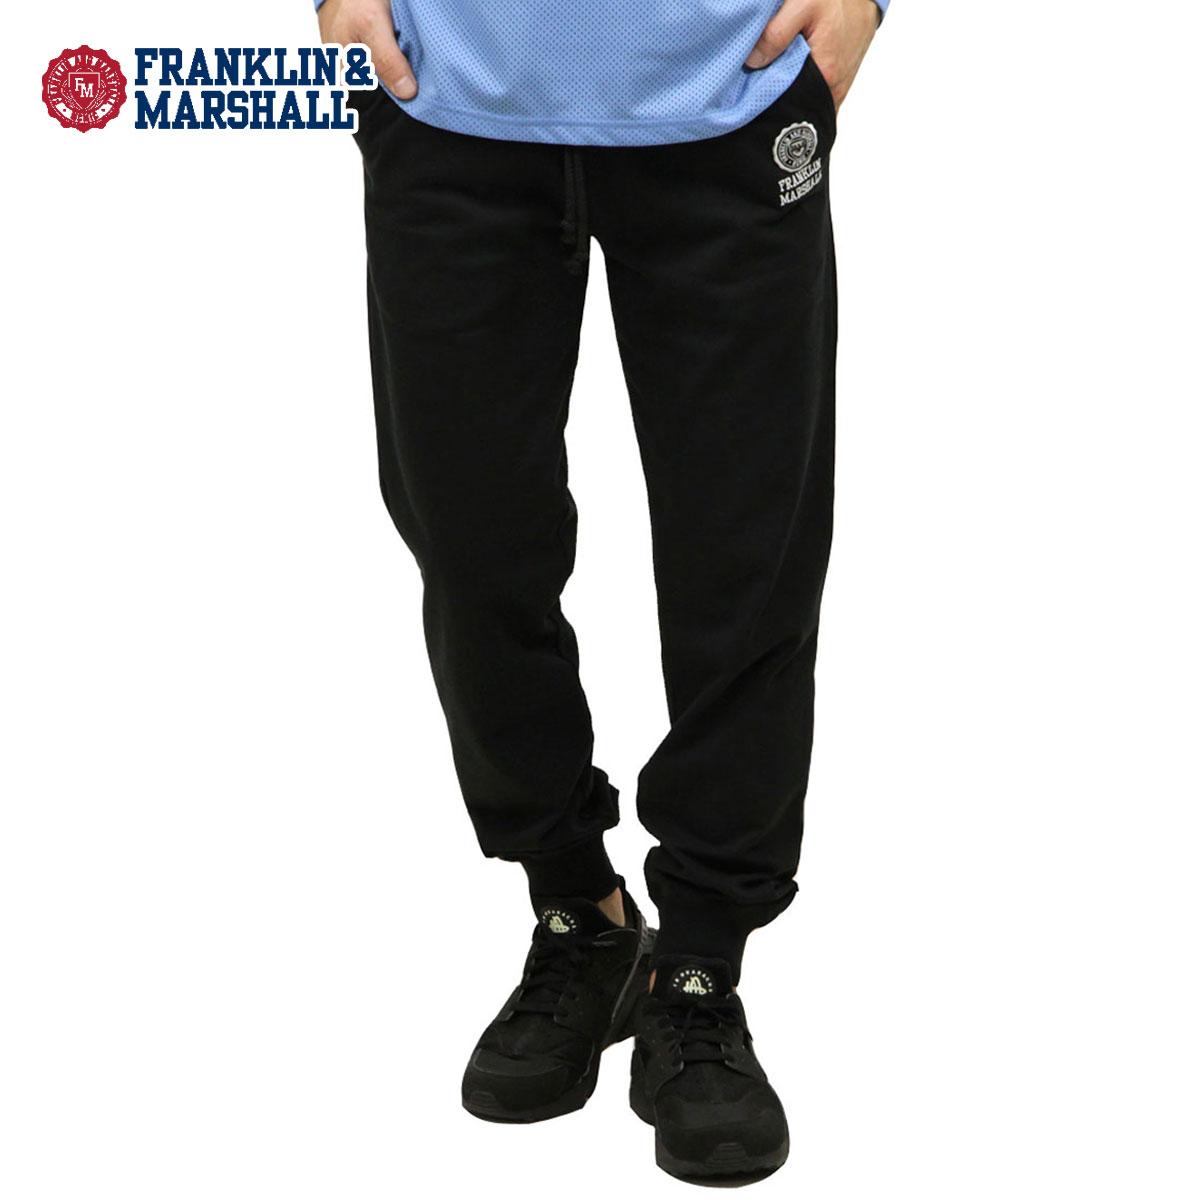 予約商品 4月頃入荷予定 フランクリン マーシャル FRANKLIN&MARSHALL 正規販売店 メンズ ジョガーパンツ JOGGER FLEECE PANTS PFMF081 2033 BLACK